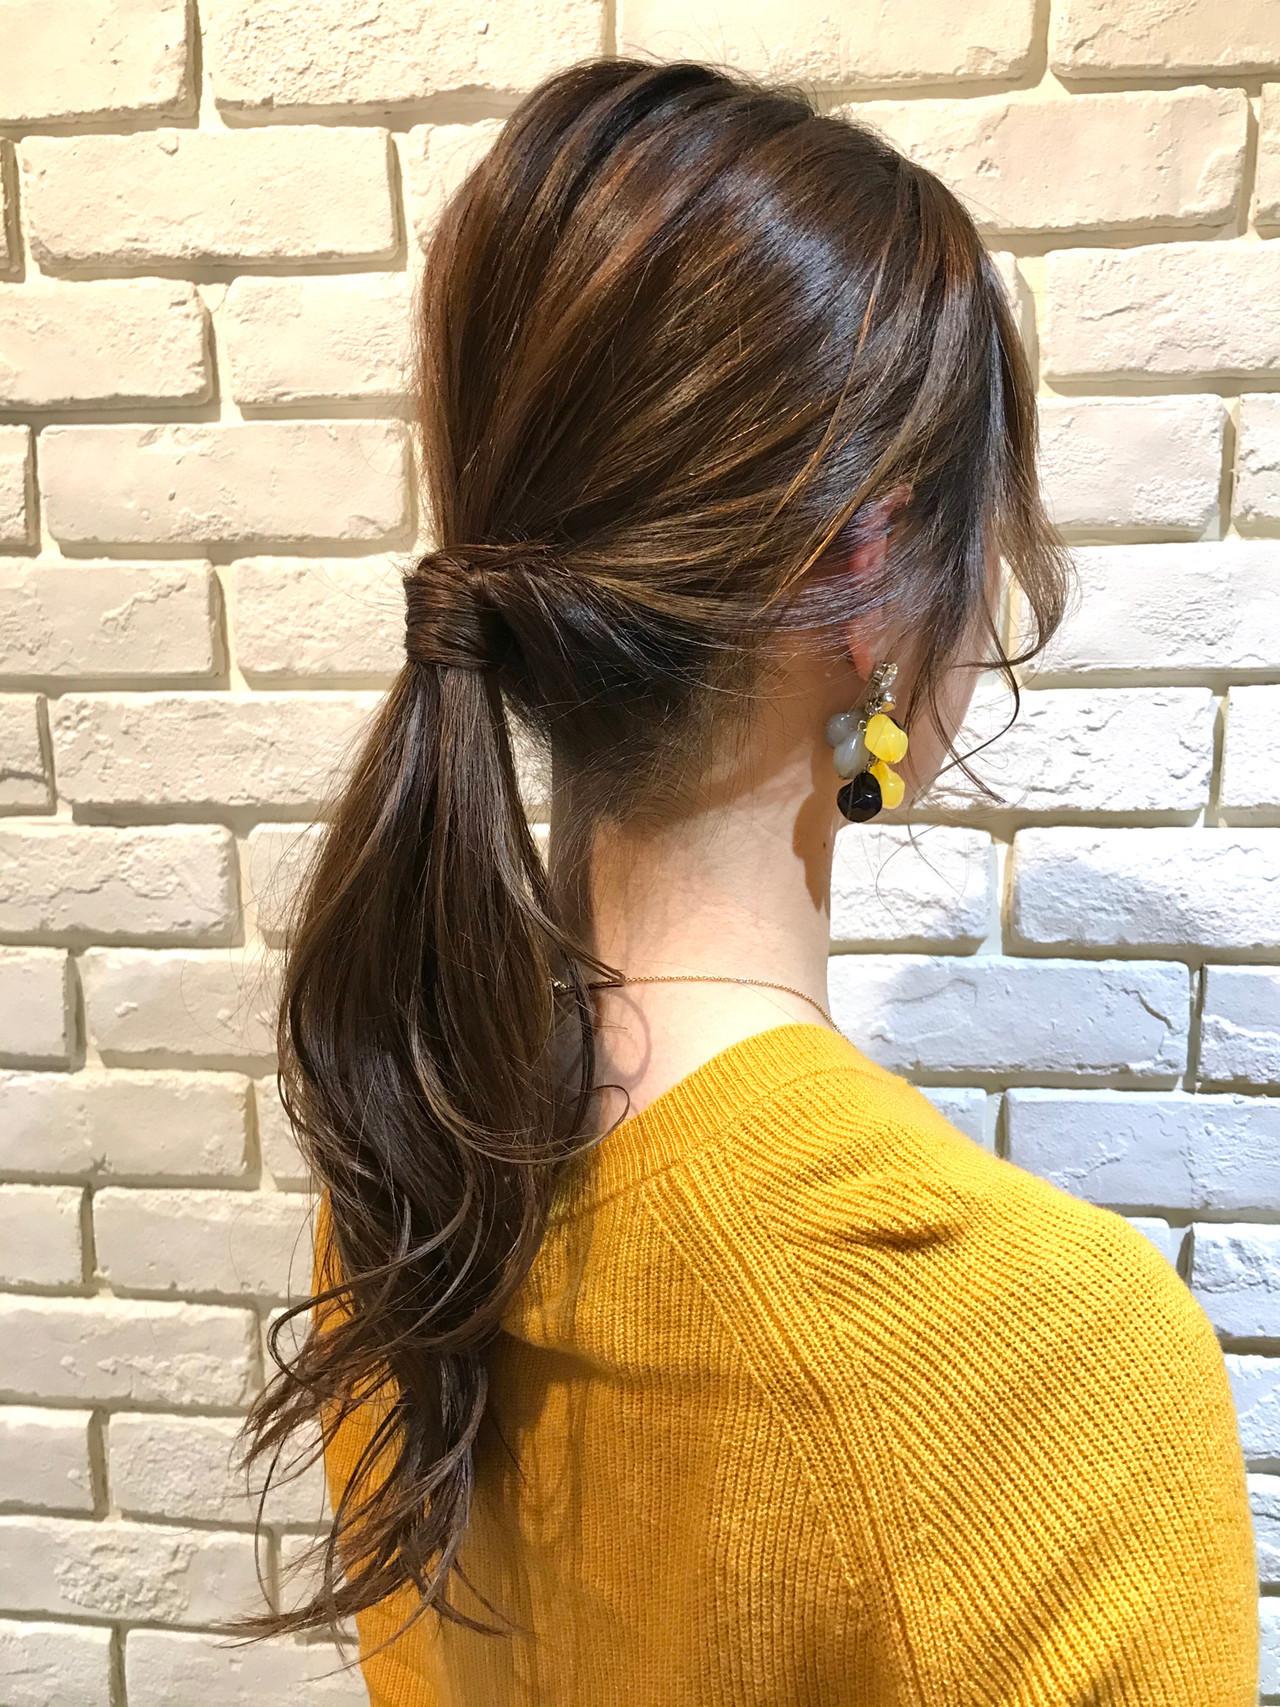 ベージュ ヘアアレンジ ローポニーテール こなれ感 ヘアスタイルや髪型の写真・画像